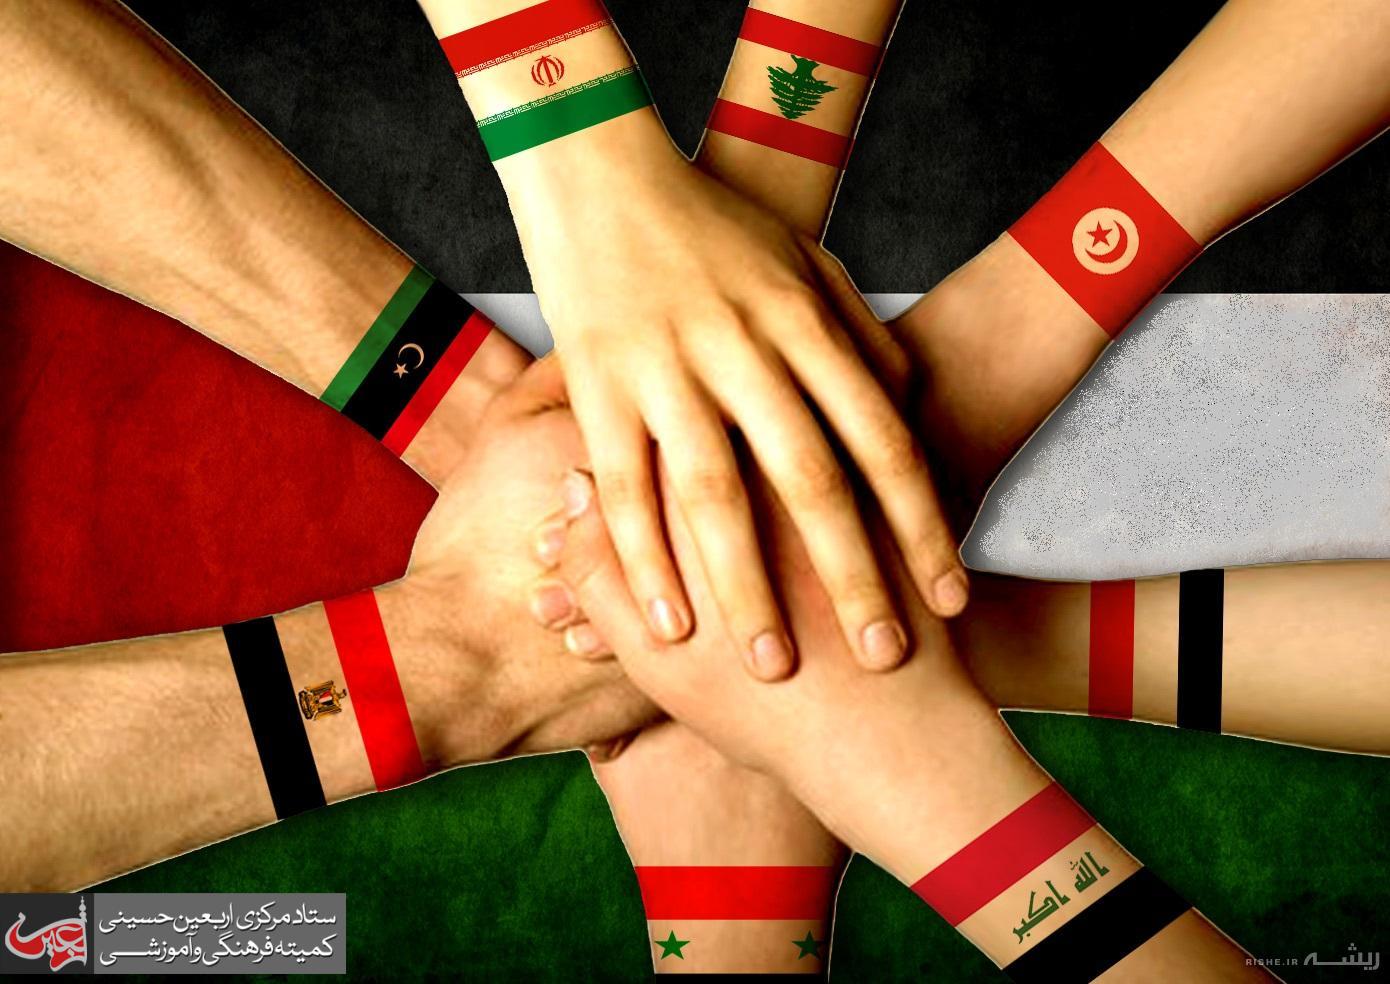 اربعین، همگرایی و صلح جهانی (با تاکید بر آموزه های قرآن وعترت)